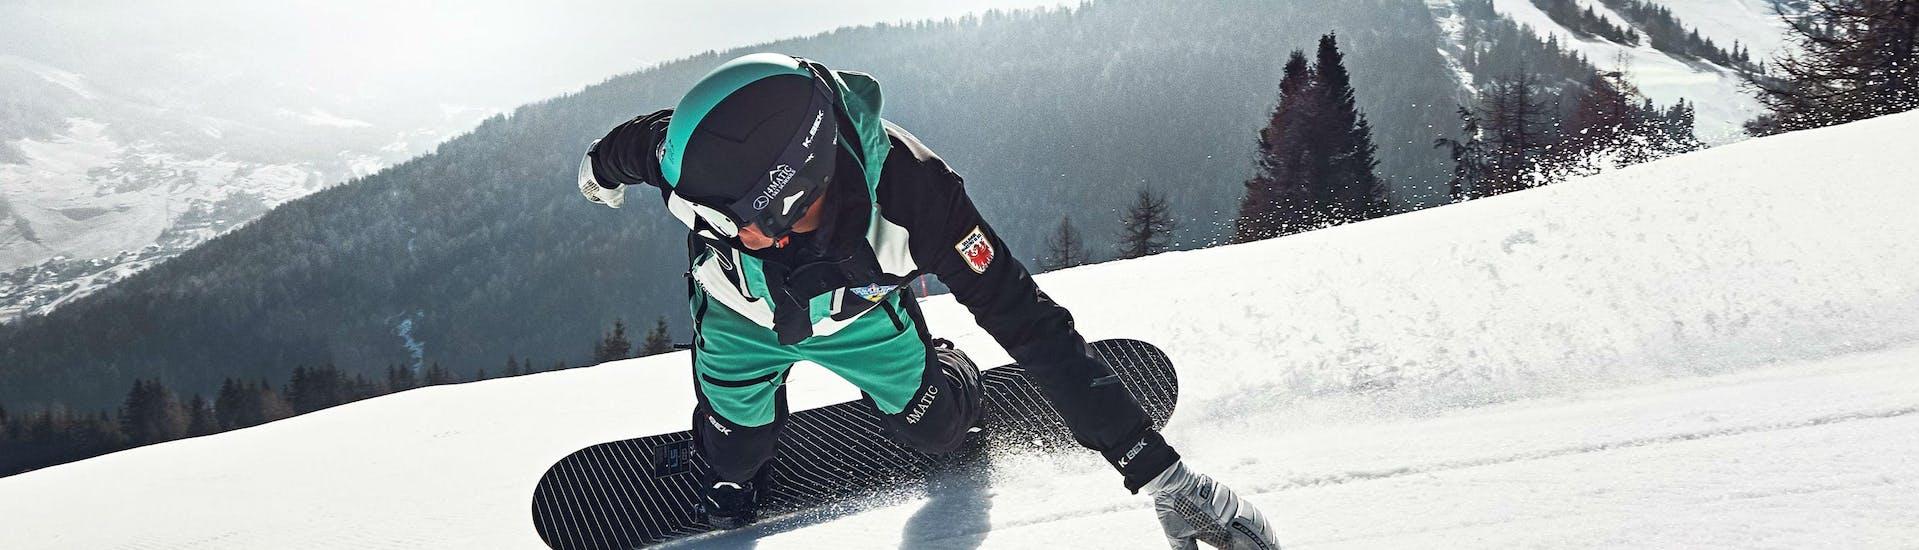 Cours particulier de snowboard pour Tous niveaux avec Scuola di Sci e Snowboard Dolomites Armentarola - Hero image